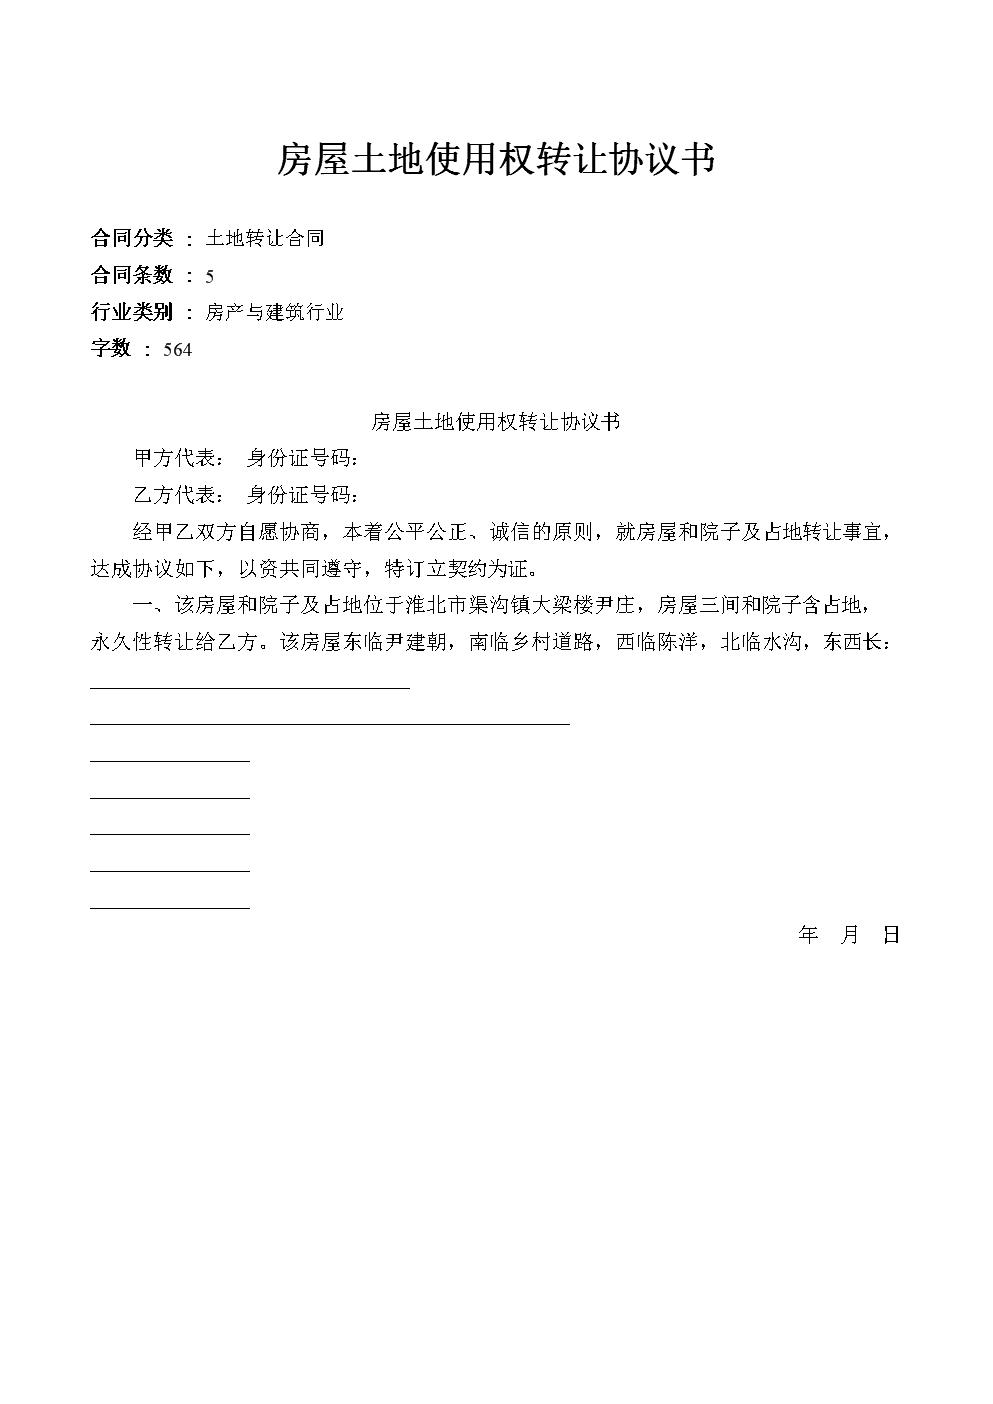 【标准合同模板】房屋土地使用权转让协议书.doc